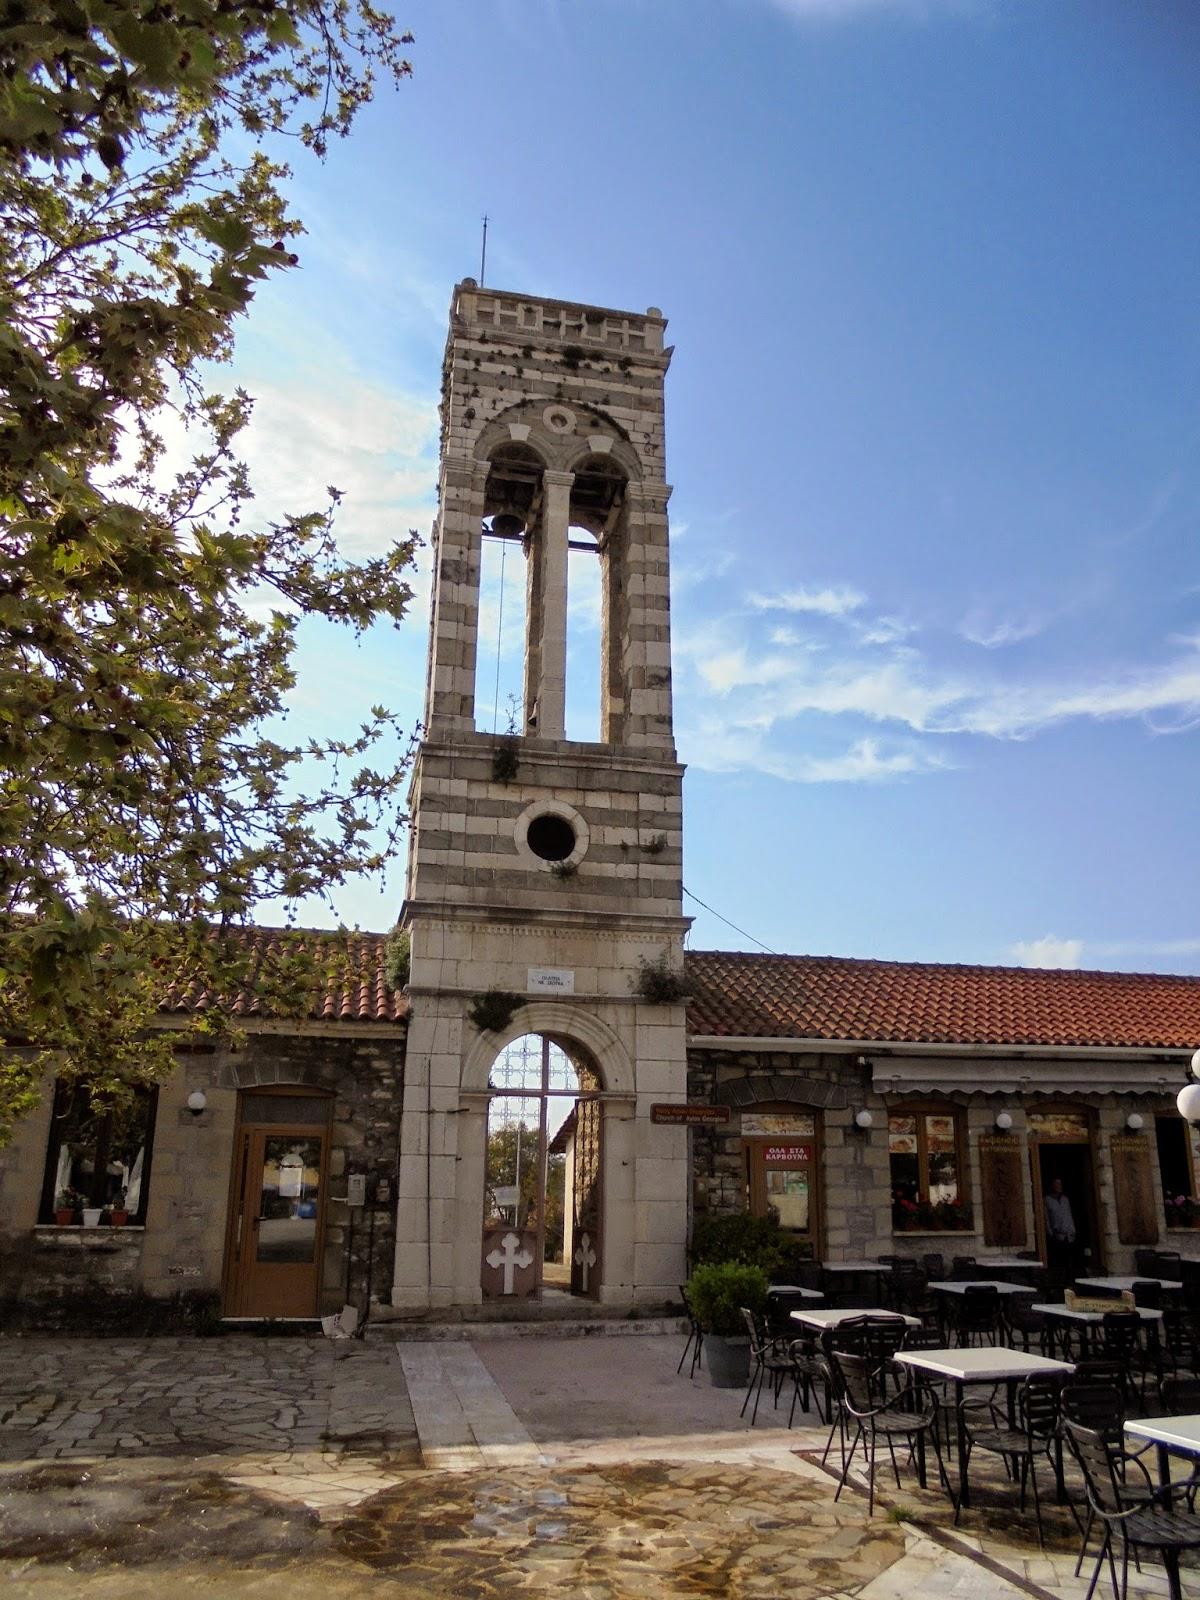 ο ναός του αγίου Γεωργίου στο Κομπότι της Άρτας